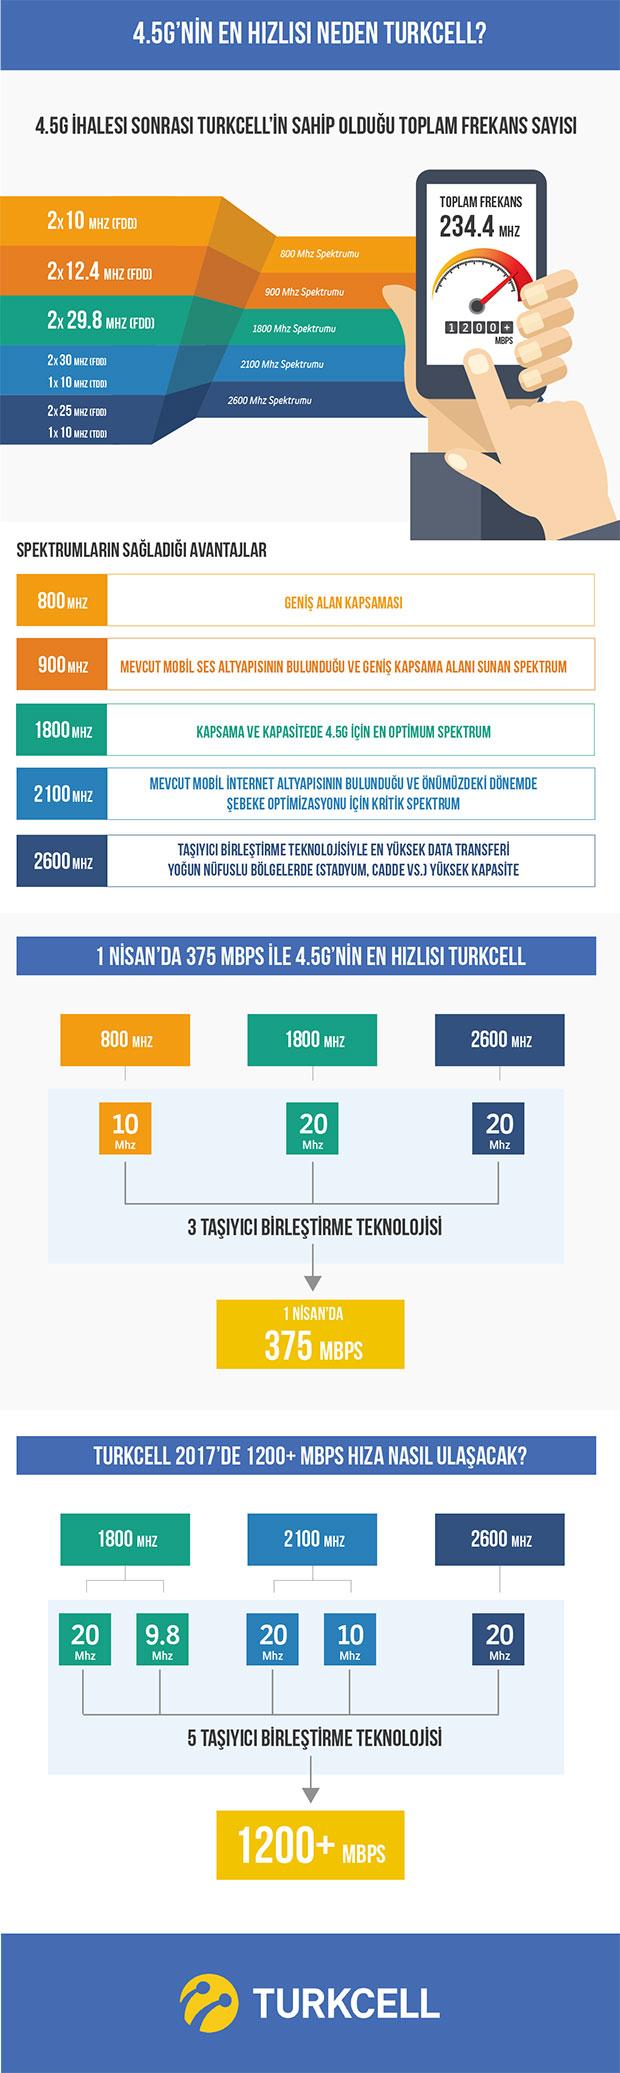 turkcell-2015-45g